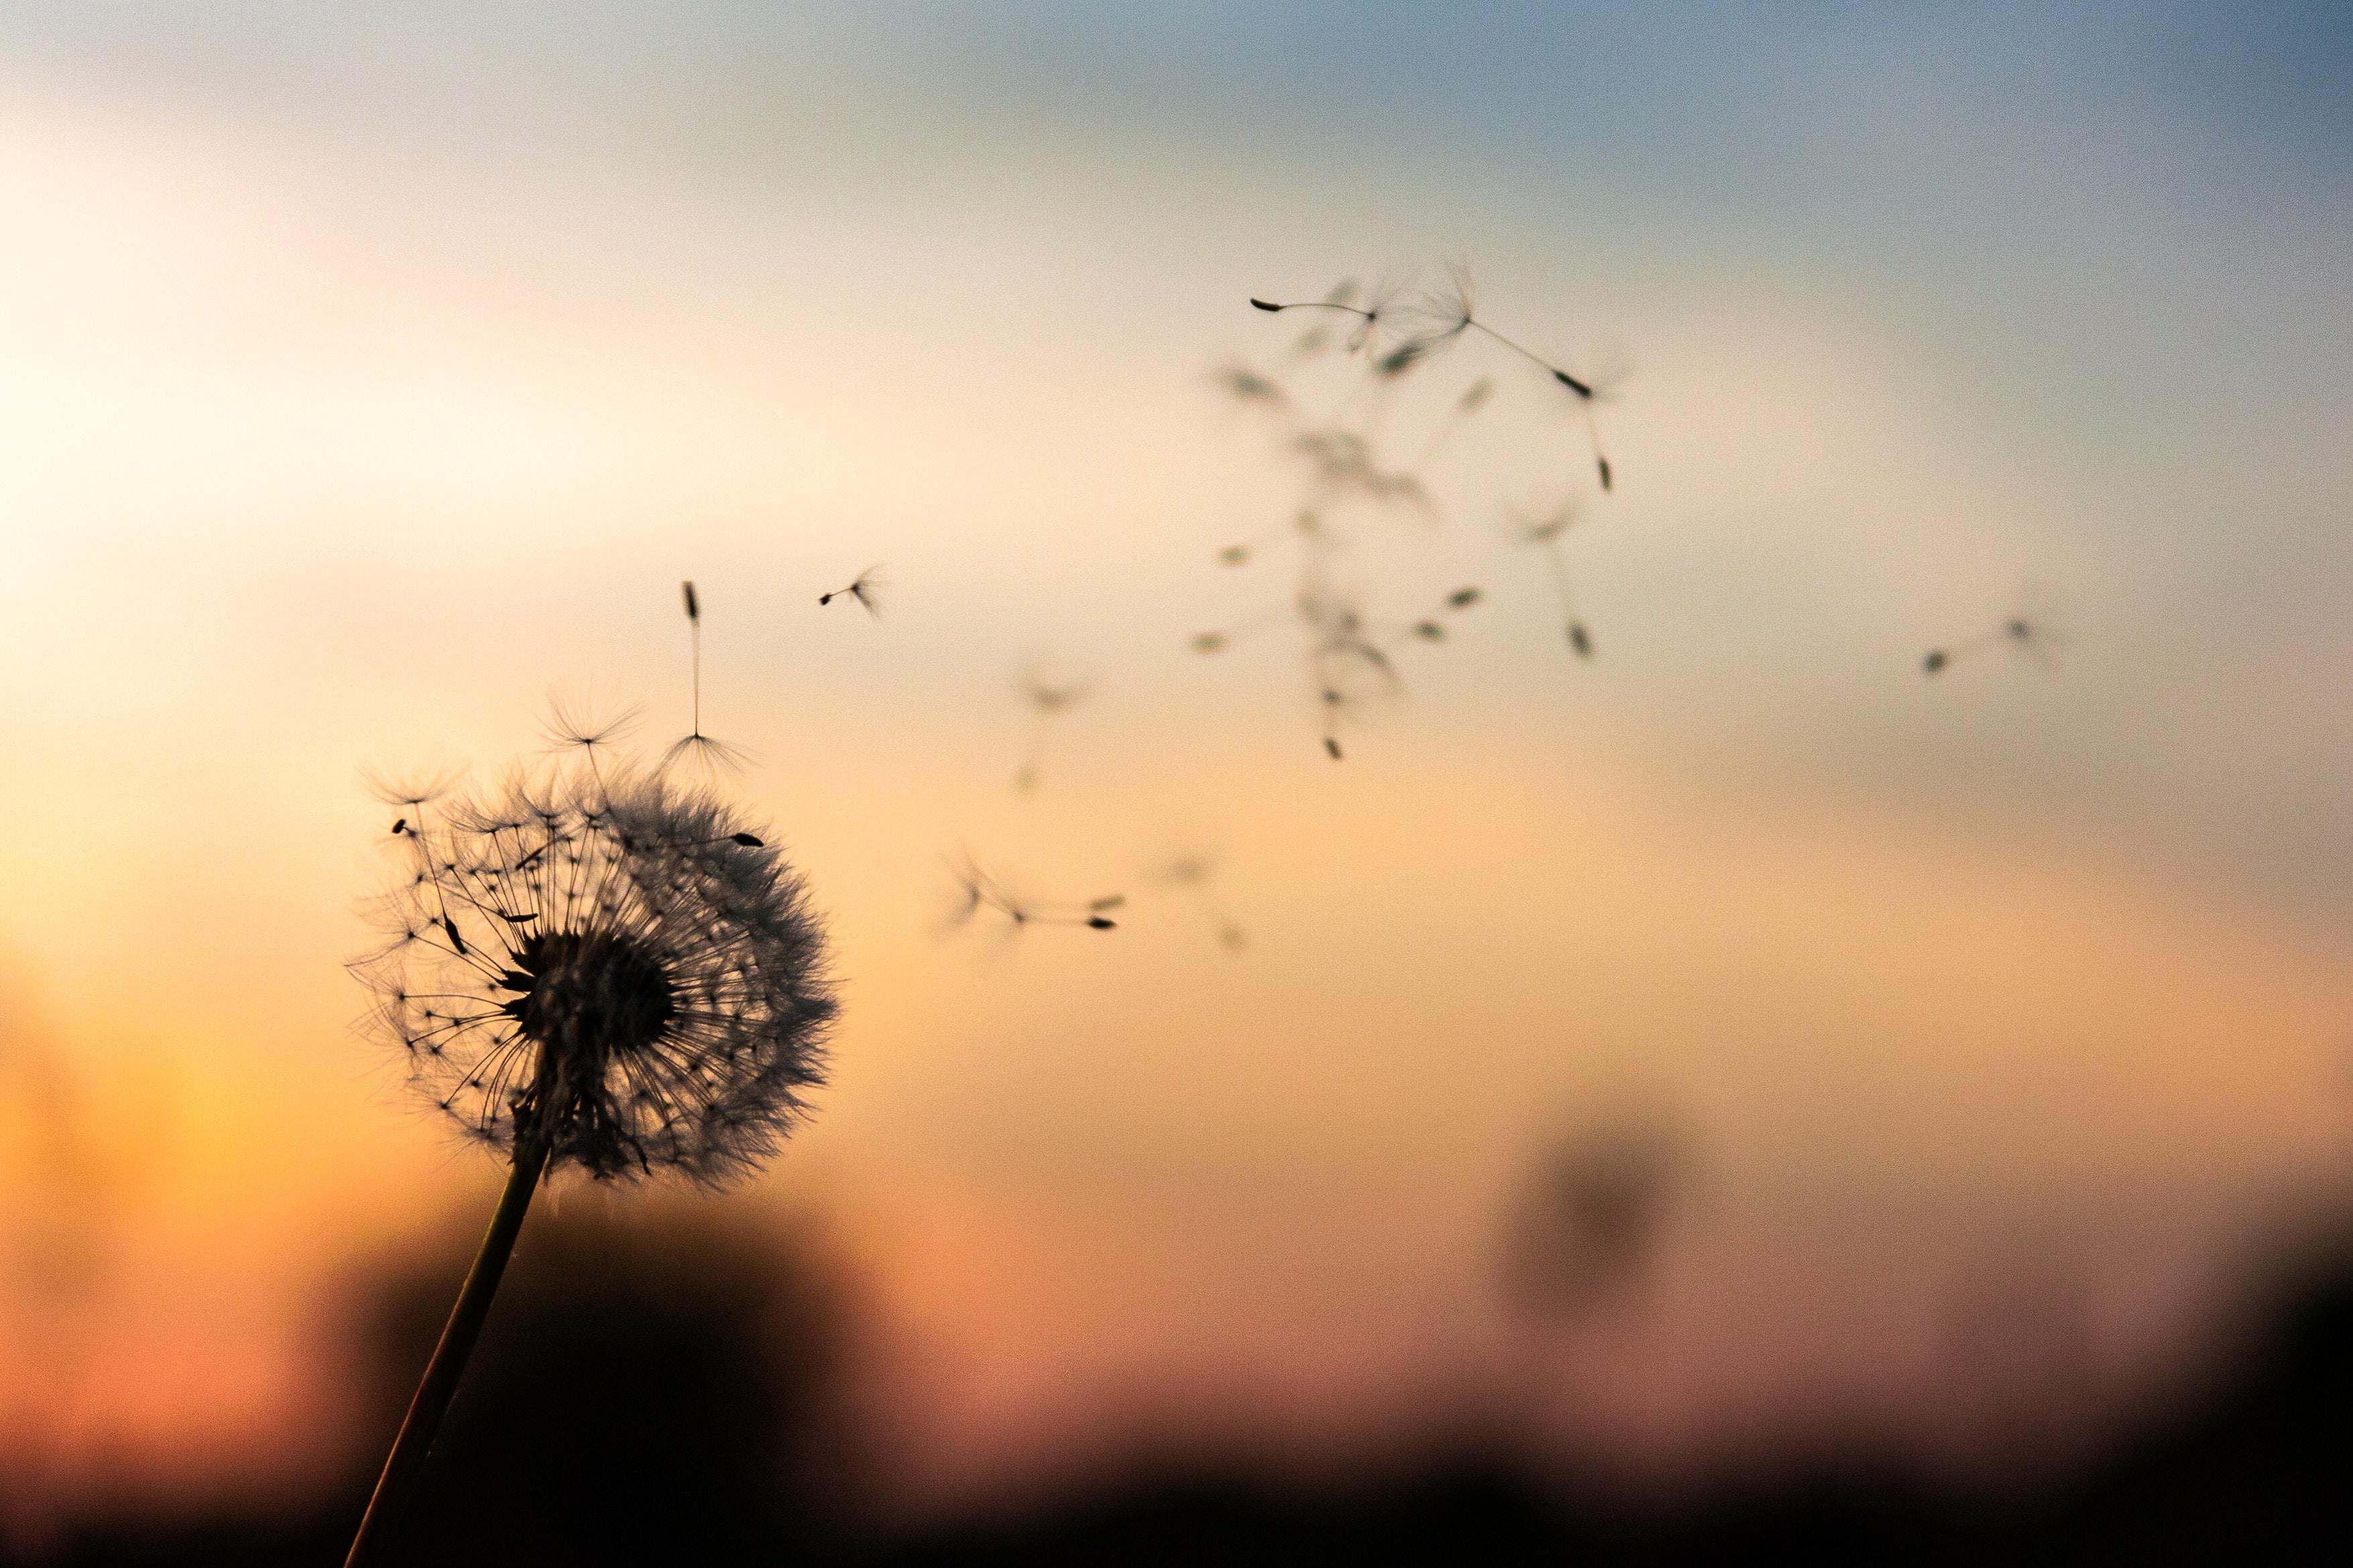 جهان و زندگی - نگاهی به فلسفه زندگی